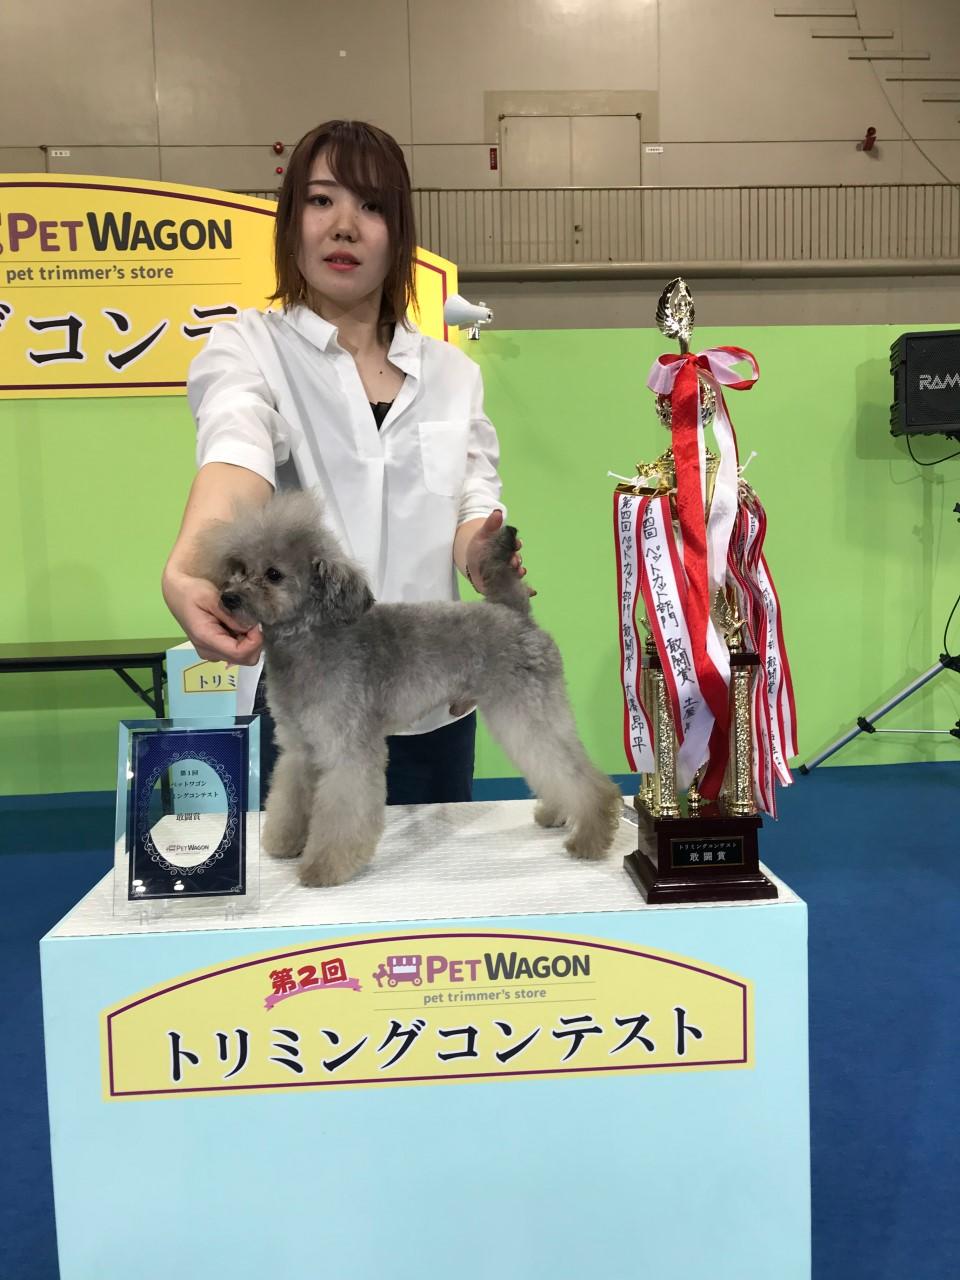 千葉そごう店黒田マネージャー2019年8月27日 第2回ペットワゴントリミングコンテスト クイックグルーミング3年以上部門 敢闘賞